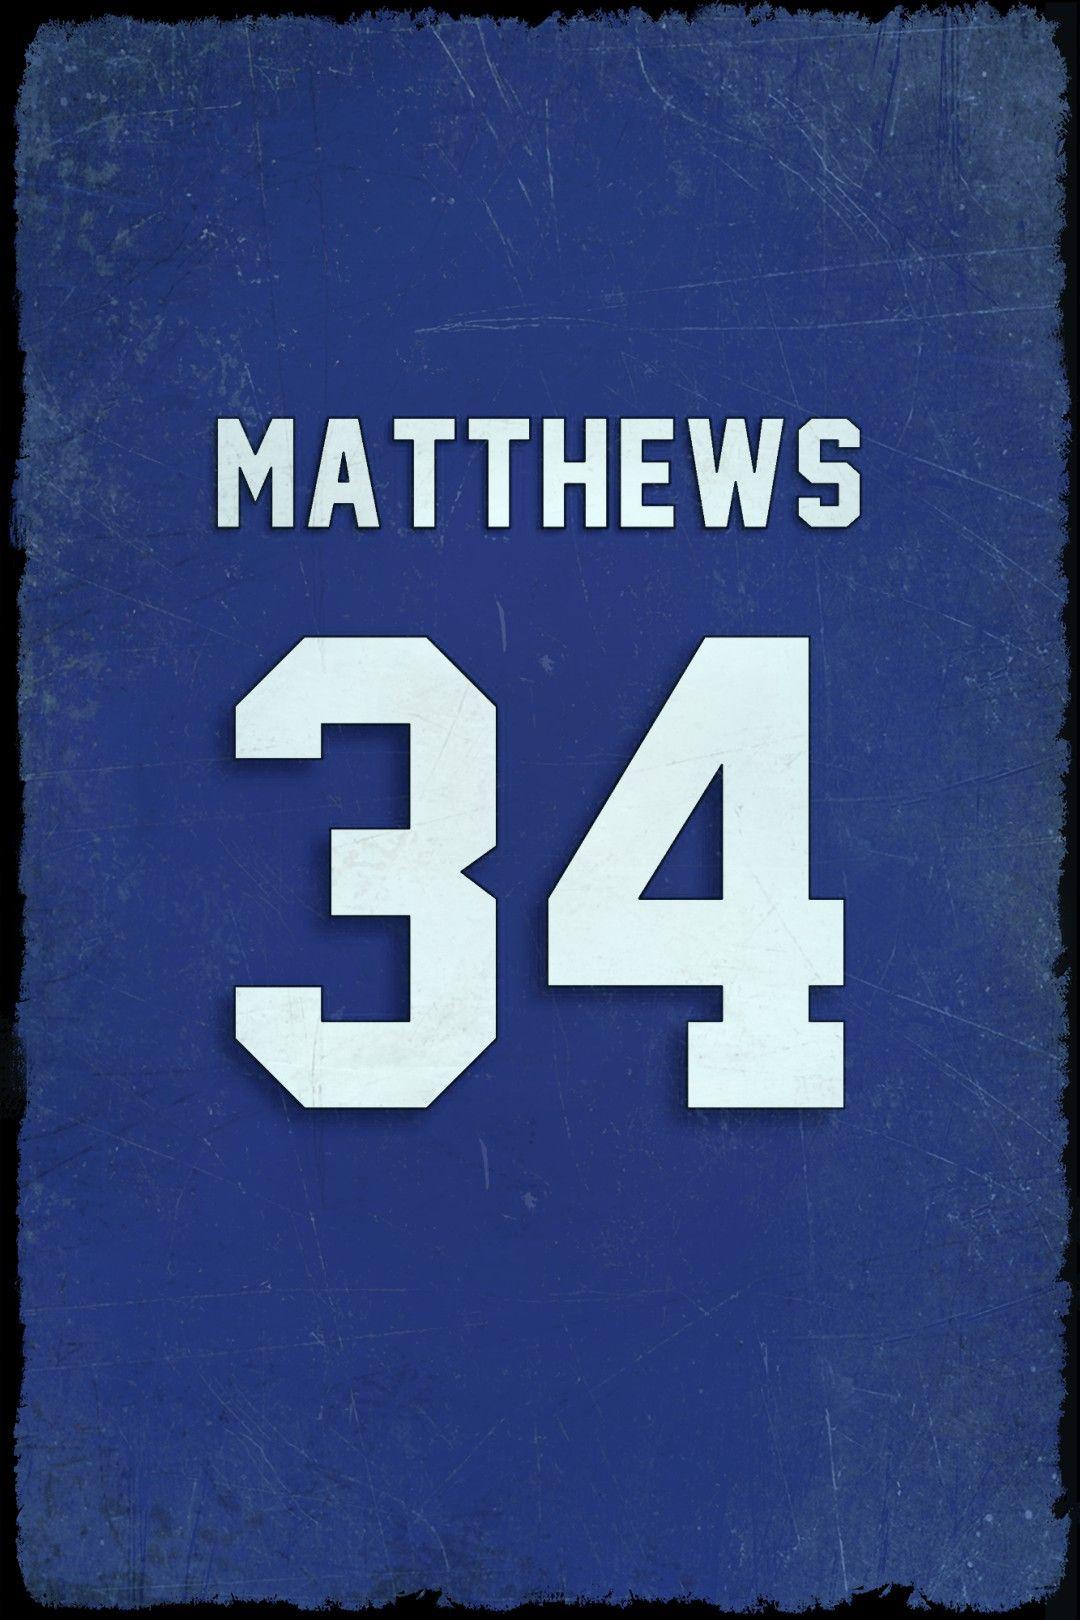 Auston Matthews Toronto Maple Leafs Hockey Phone Wallpaper Background Toronto Maple Leafs Wallpaper Maple Leafs Wallpaper Toronto Maple Leafs